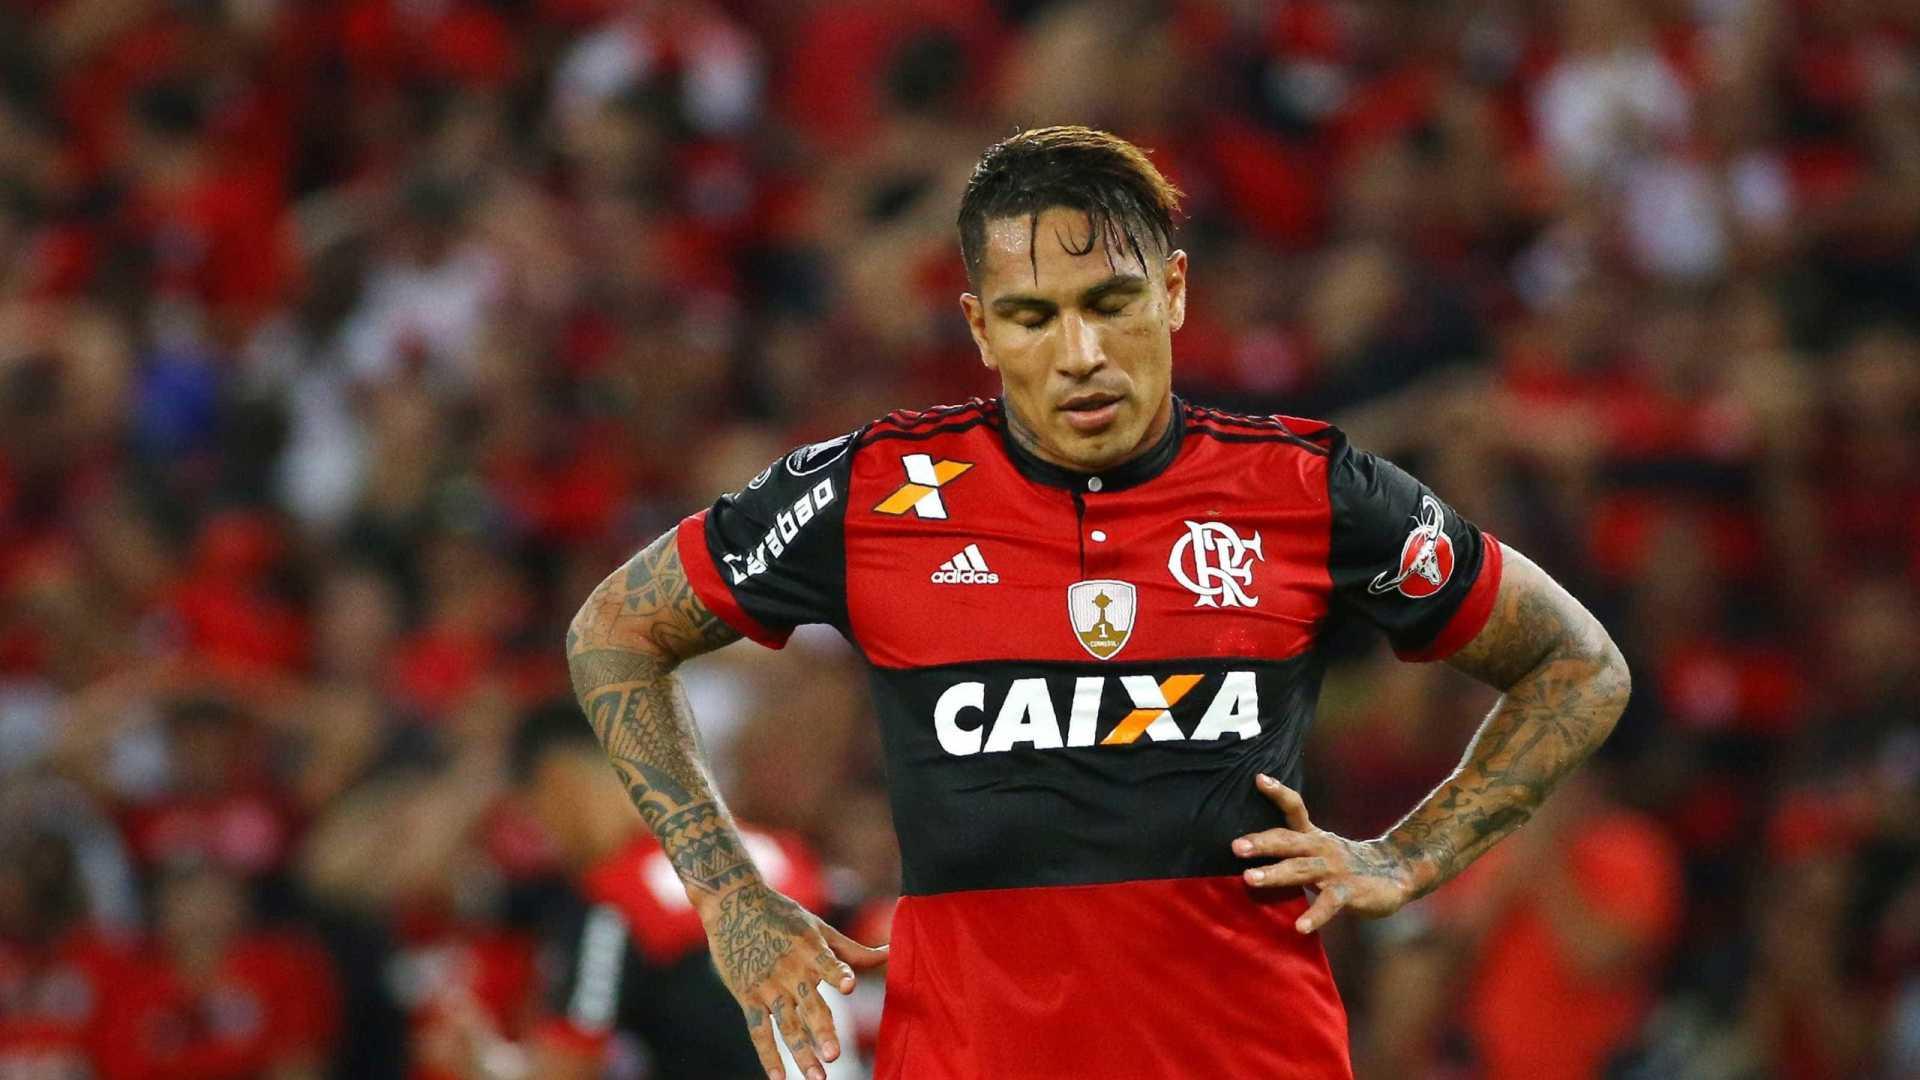 paolo guerrero - Jornal peruano diz que Guerrero tem 'horas contadas' no Flamengo para definir futuro